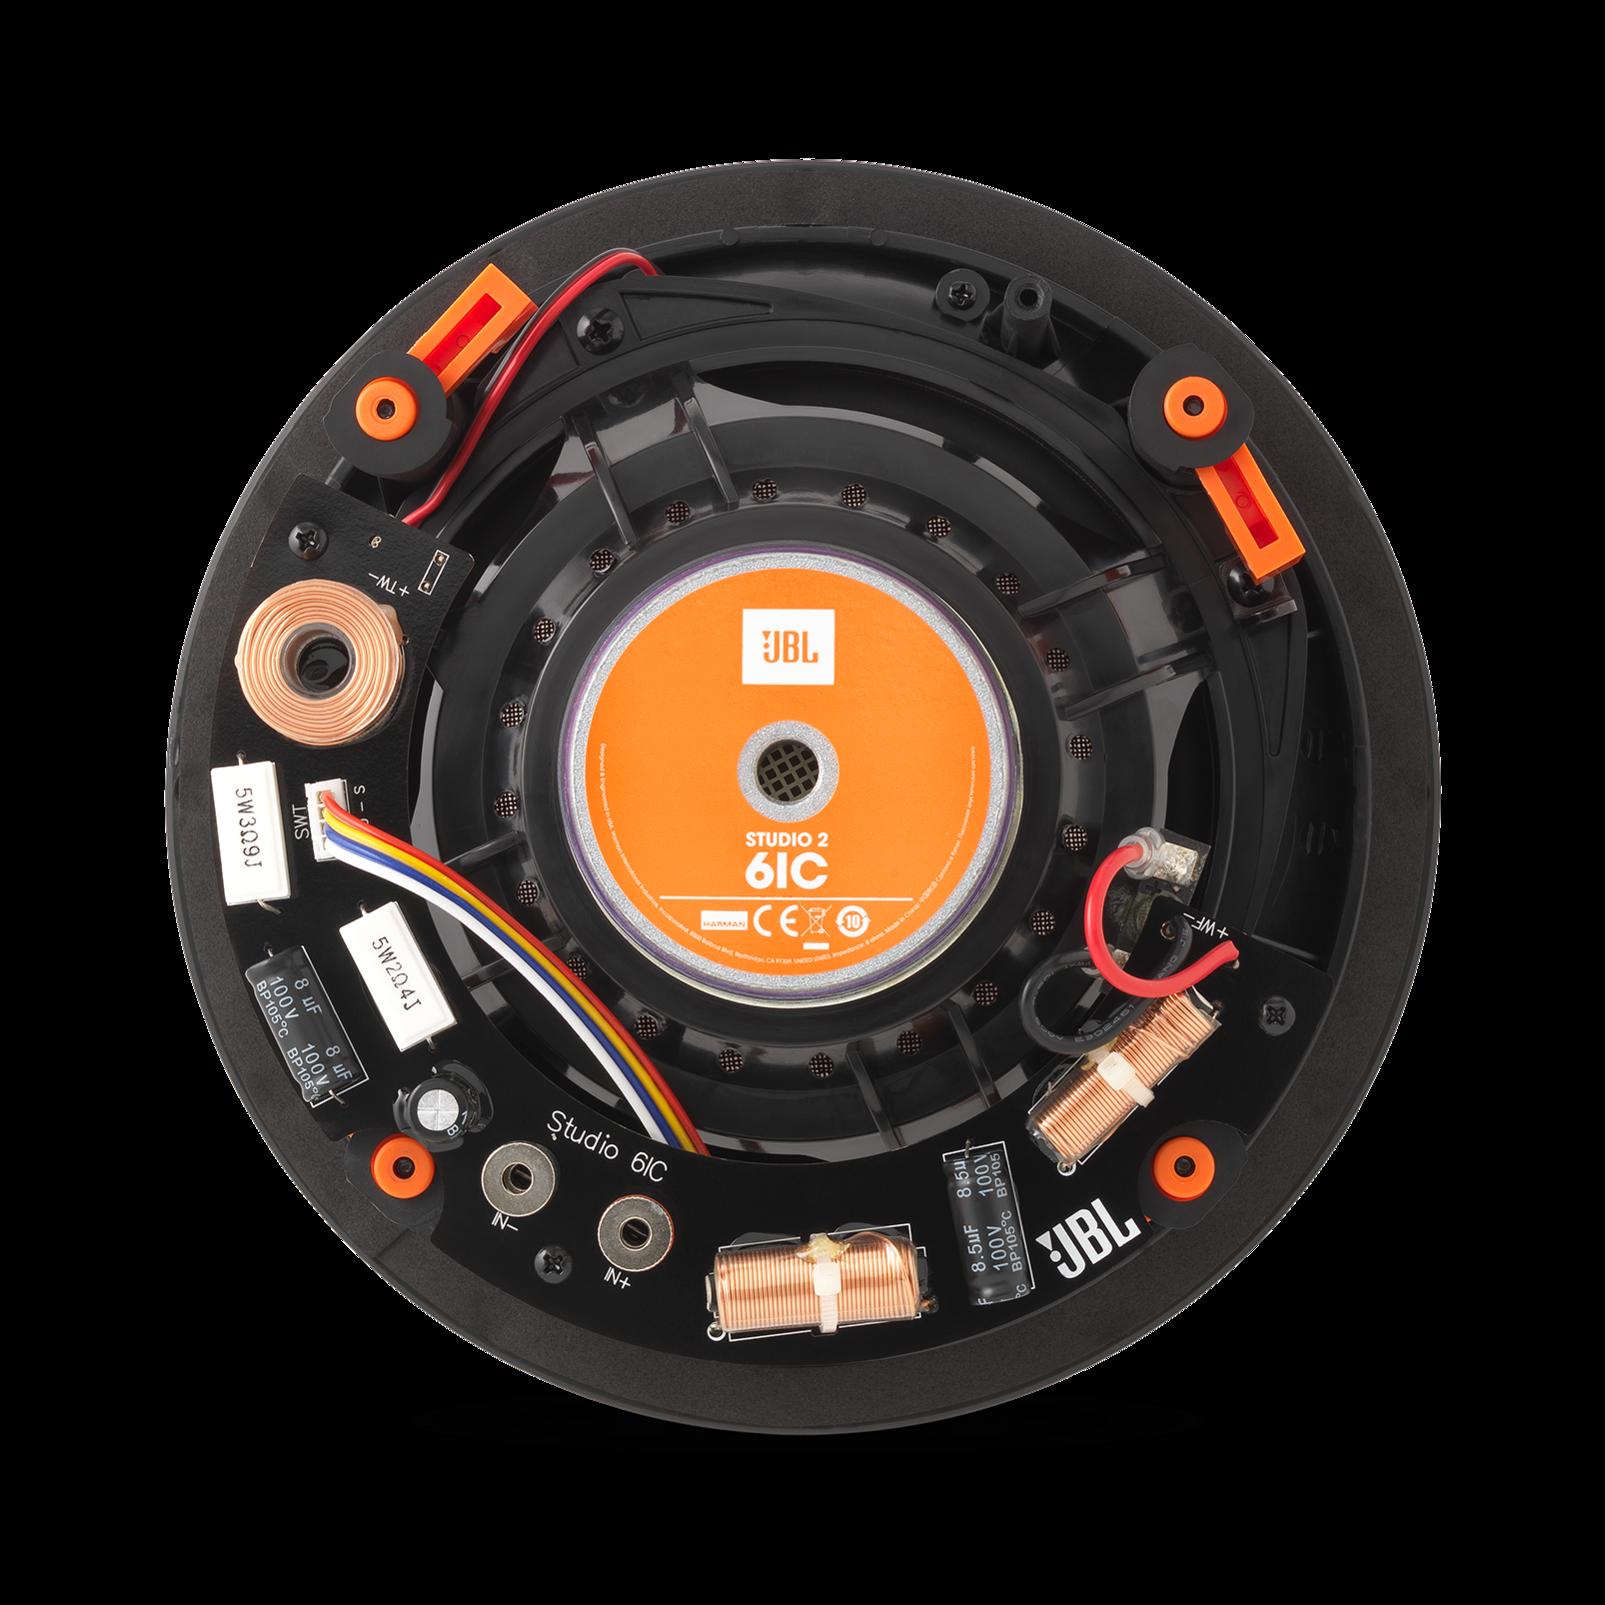 """Studio 2 6IC - Black - Premium In-Ceiling Loudspeaker with 6-1/2"""" woofer - Back"""